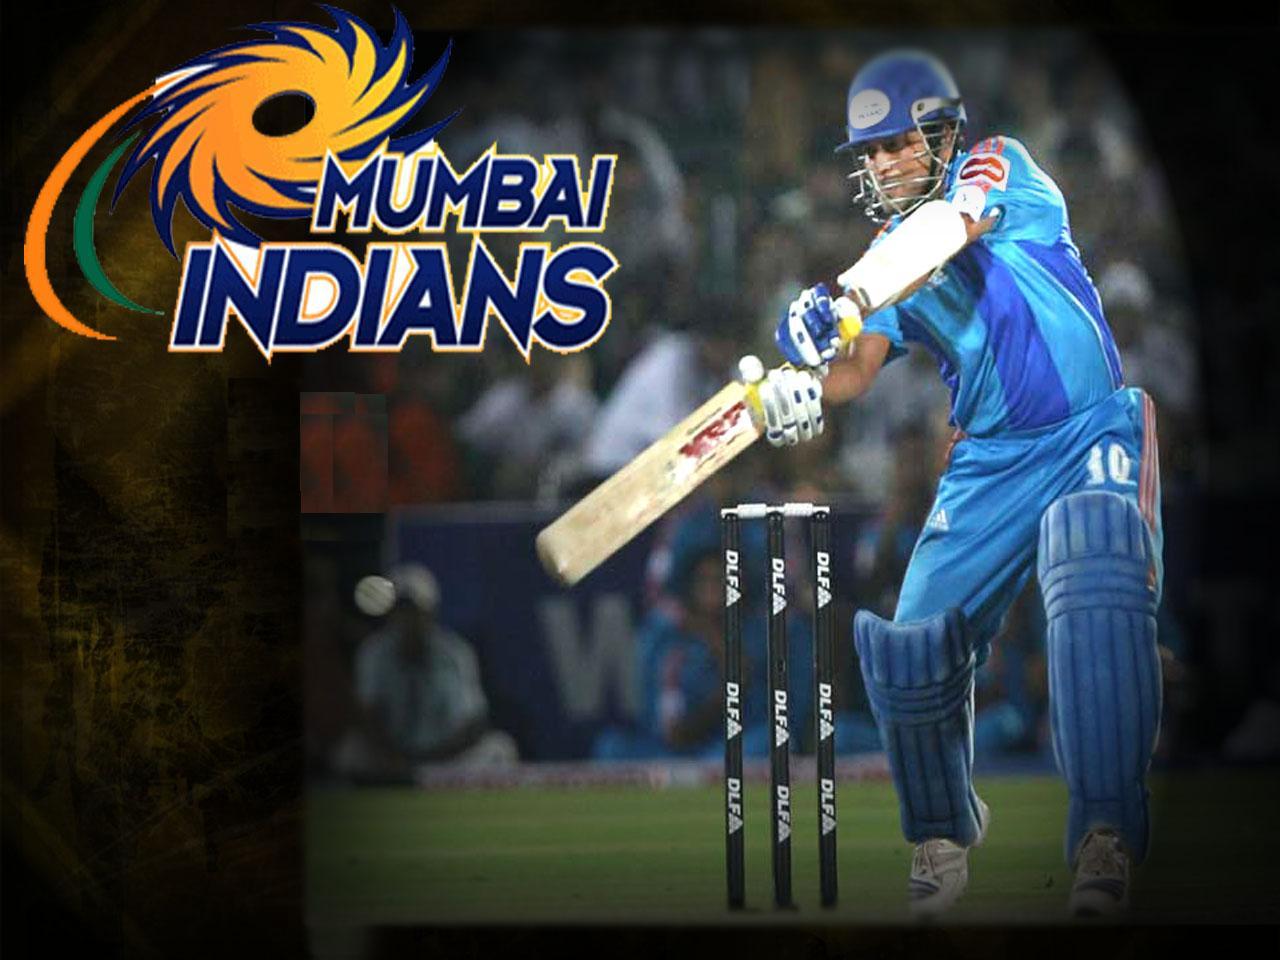 Mumbai Indians Team 2021: Team Squad and Matches